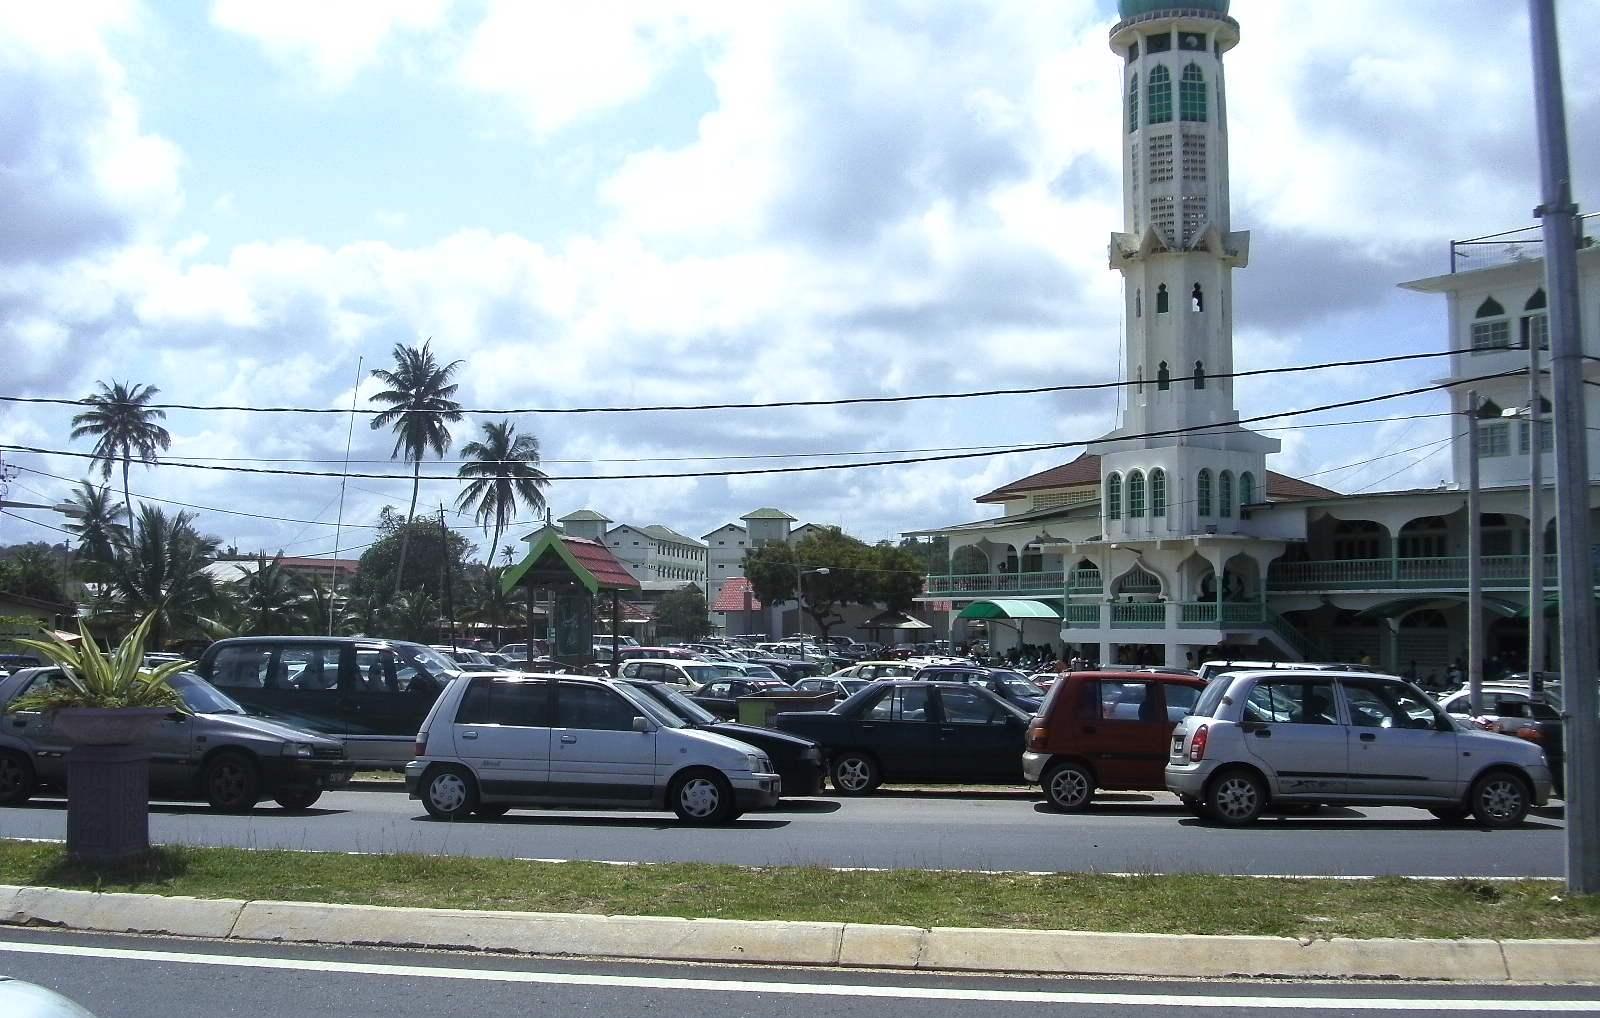 Kereta jemaah memenuhi ruang parking di halaman masjid dan juga sepanjang kiri dan kanan jalan di hadapan masjid.